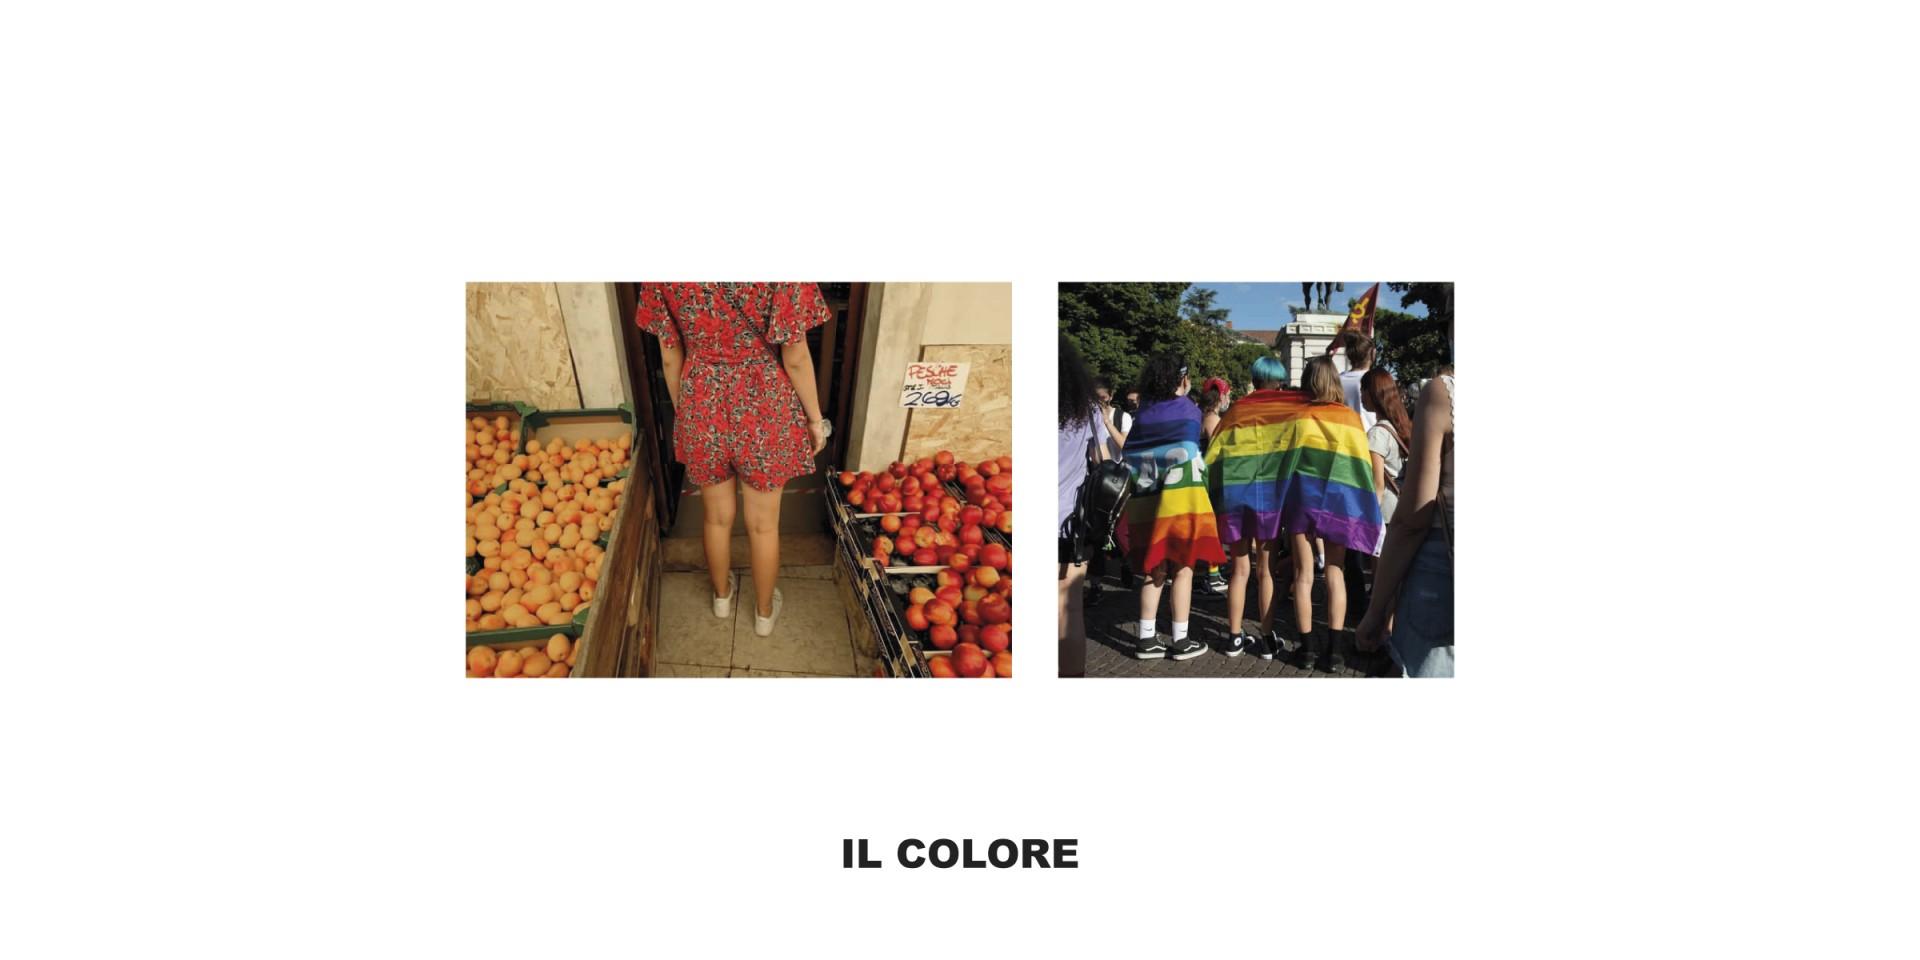 02-slide-il-colore-5.jpg